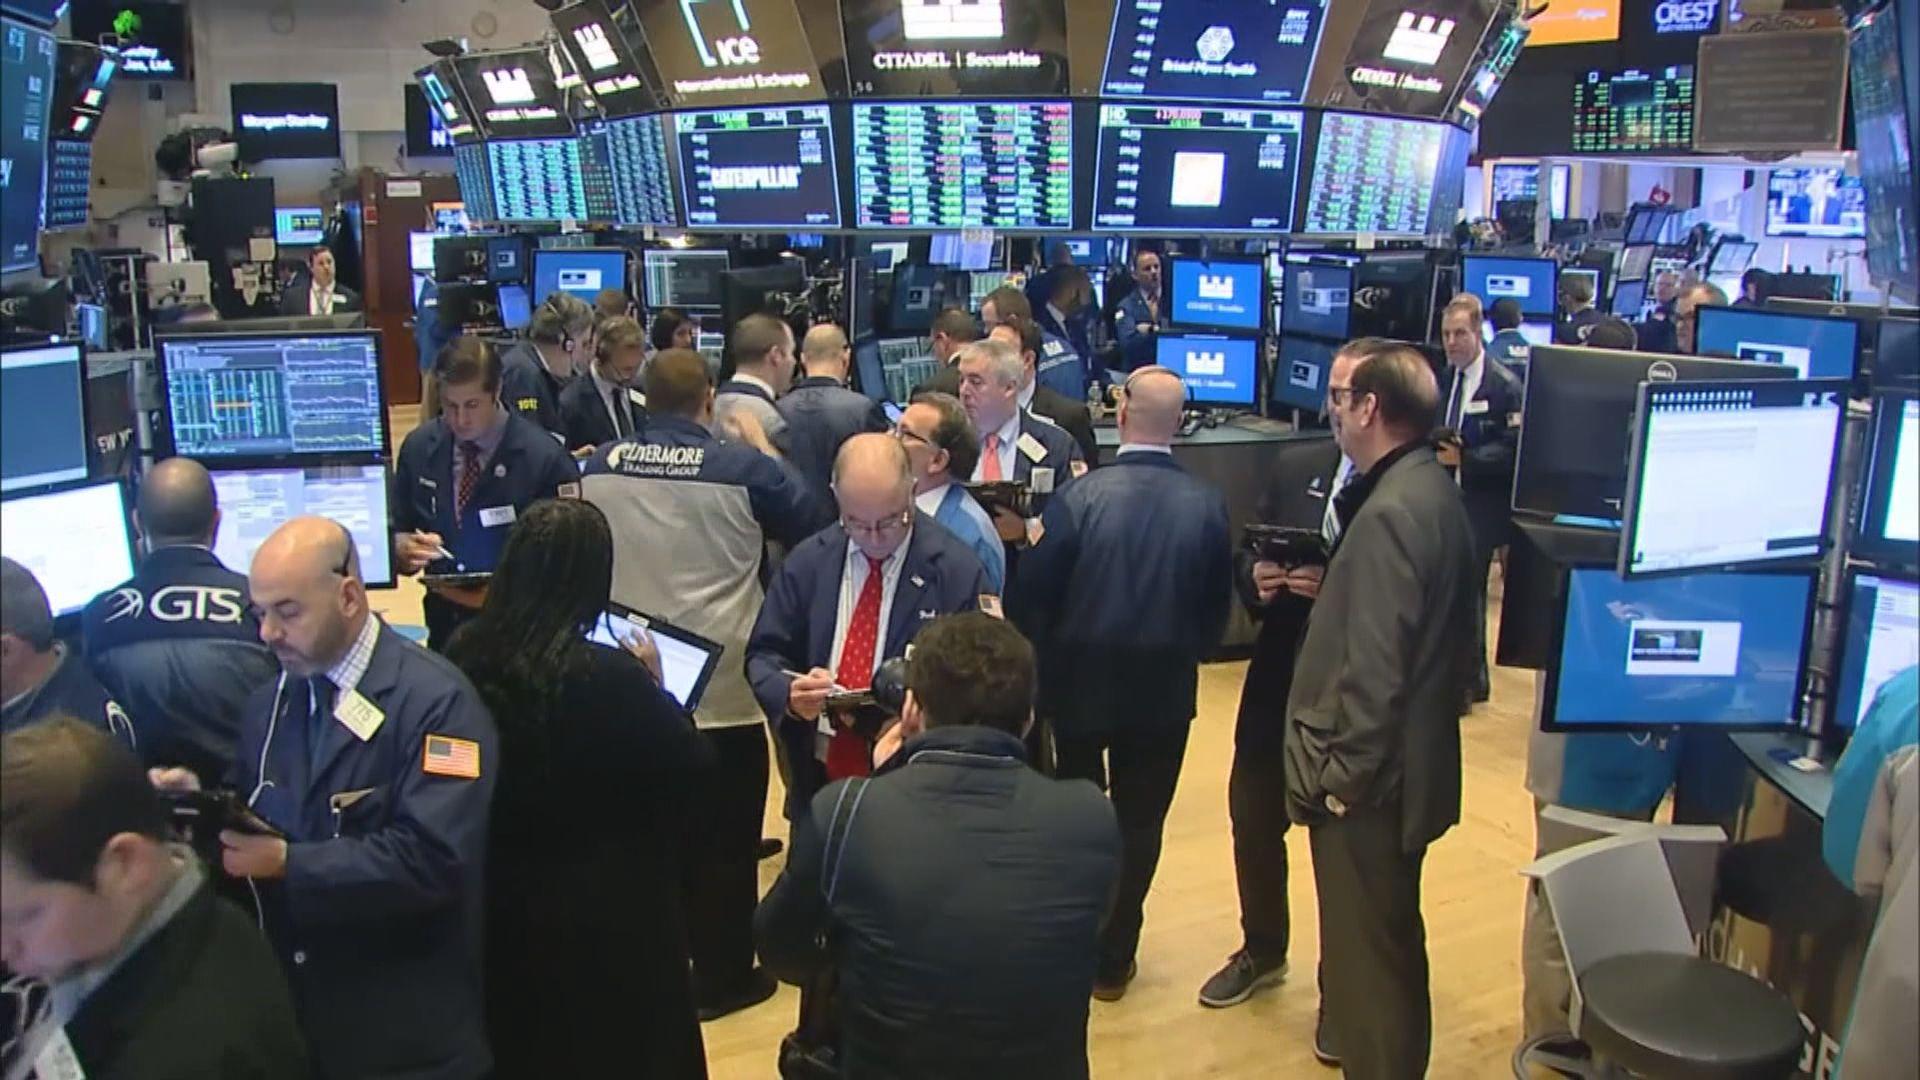 美股上升 因聯儲局會議紀錄確認鴿派基調